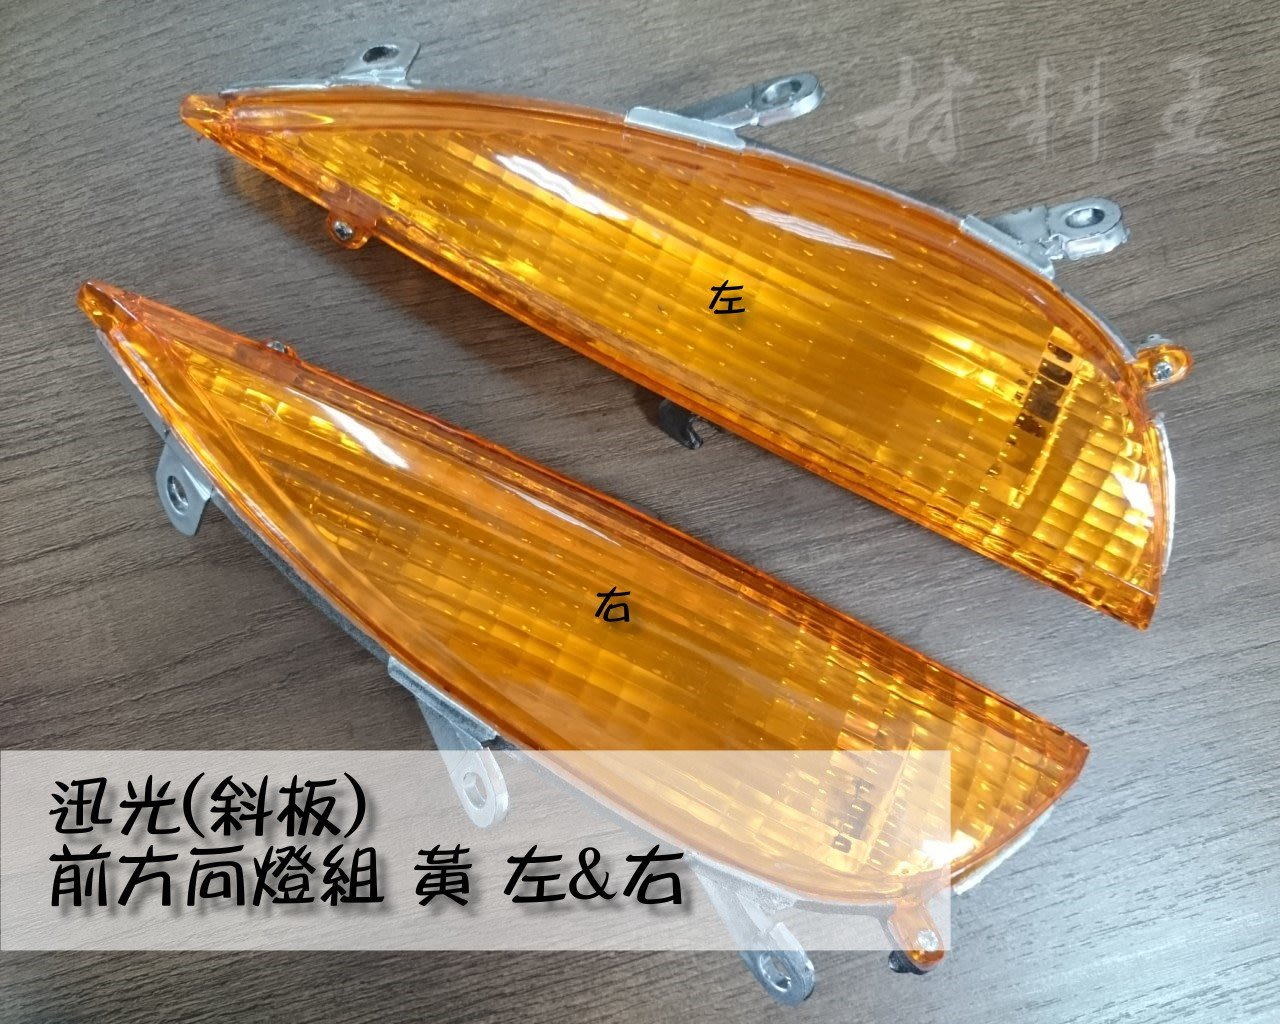 材料王*山葉 迅光 斜板 前方向燈組-左邊+右邊(黃色)*